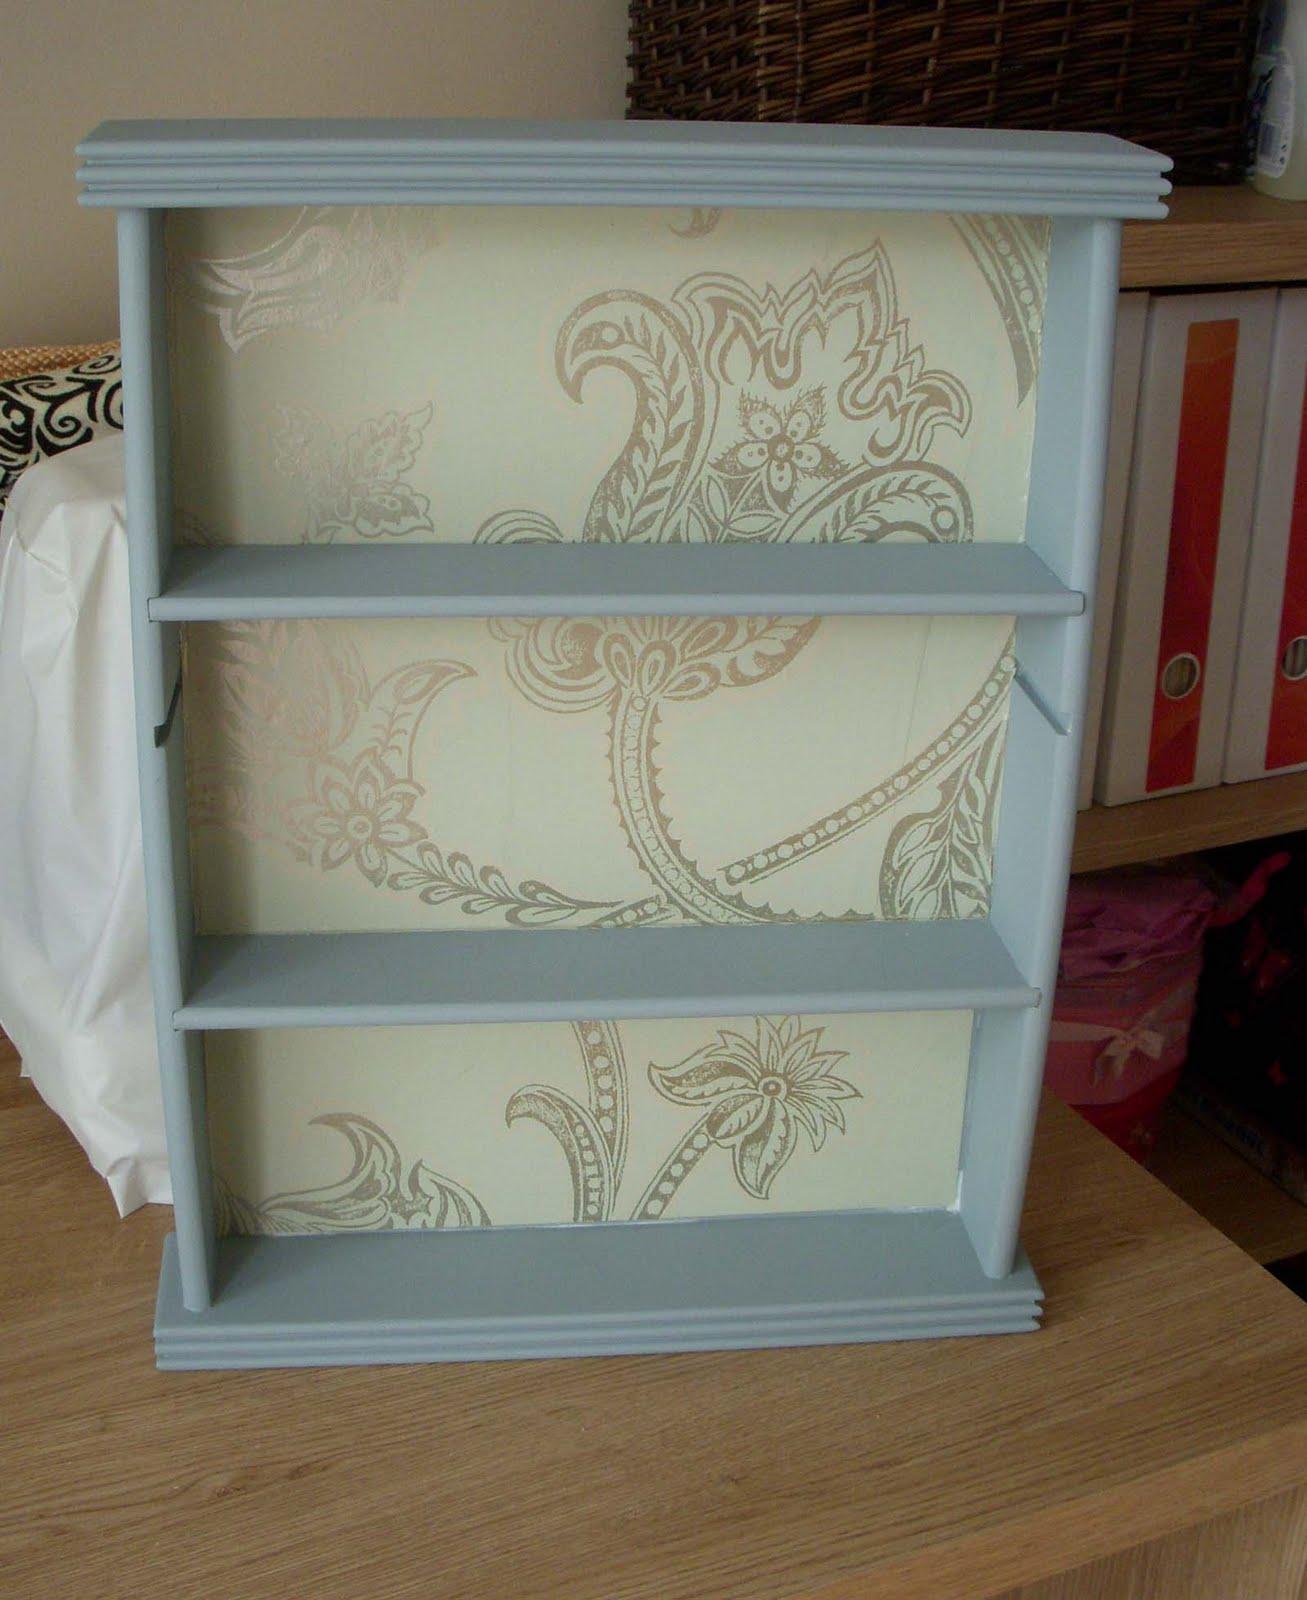 http://2.bp.blogspot.com/_iHhG4m9ecPQ/TE8Lrn2WmII/AAAAAAAAARk/4iKlNN8qTI8/s1600/little+pine+unit+painted+2.JPG